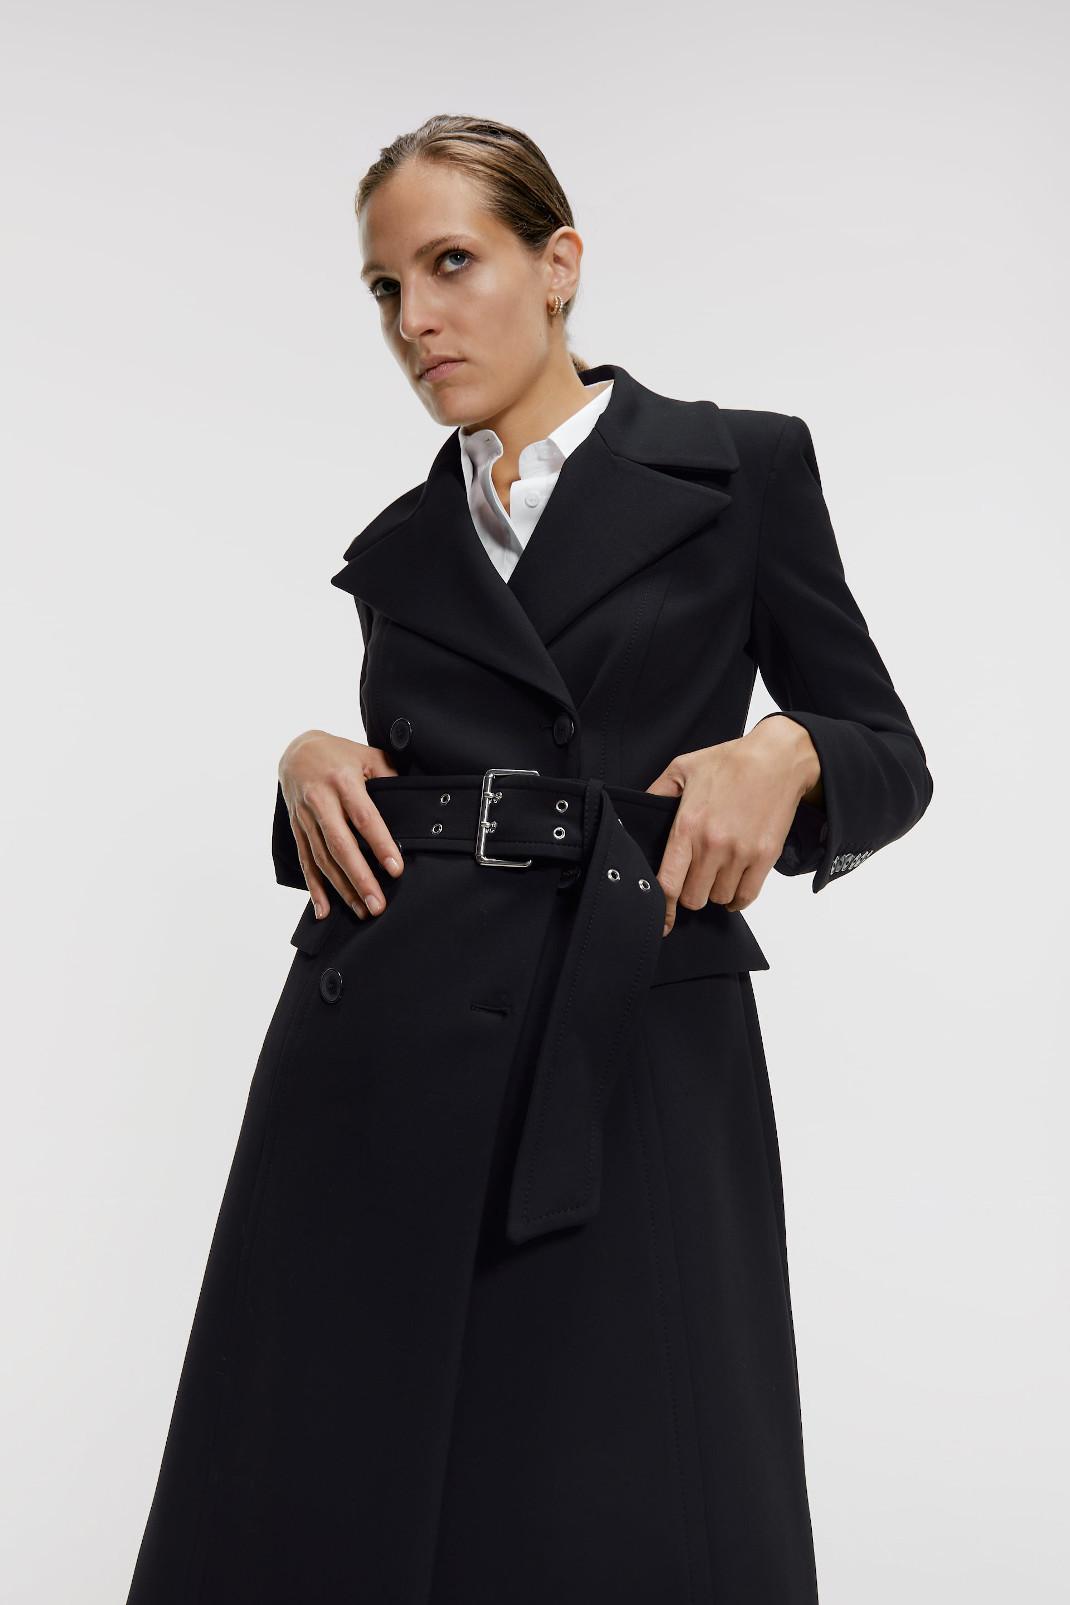 γυναίκα με παλτό από τη νέα συλλογή Zara